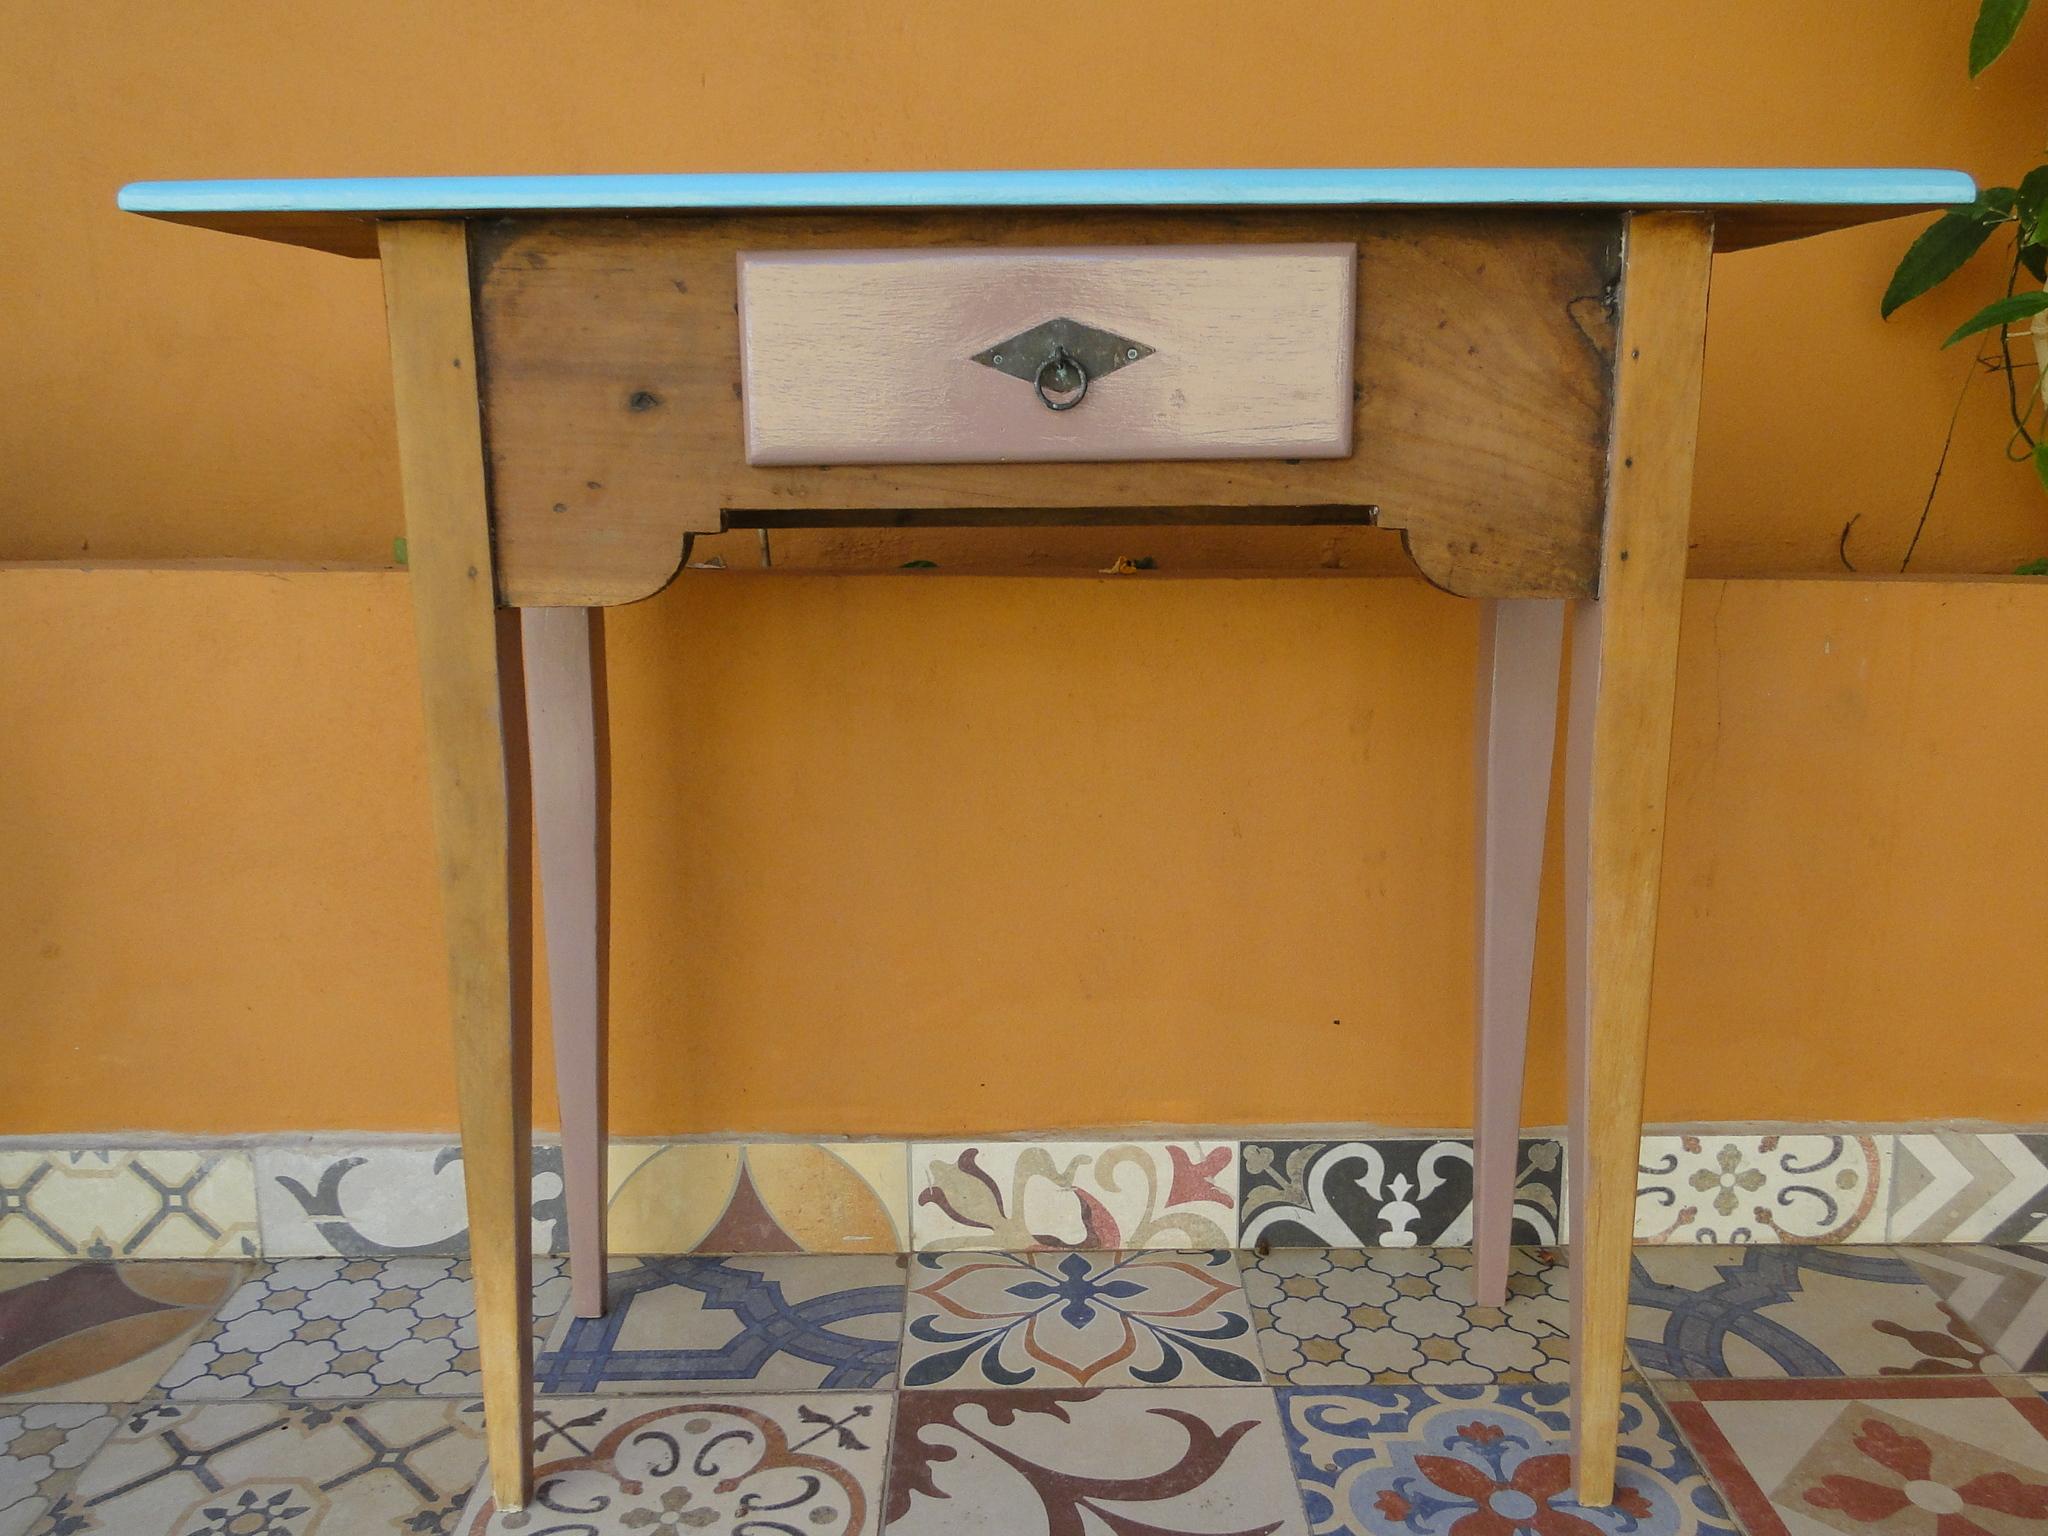 aparador de madeira reformado aparador de madeira #2785A4 2048x1536